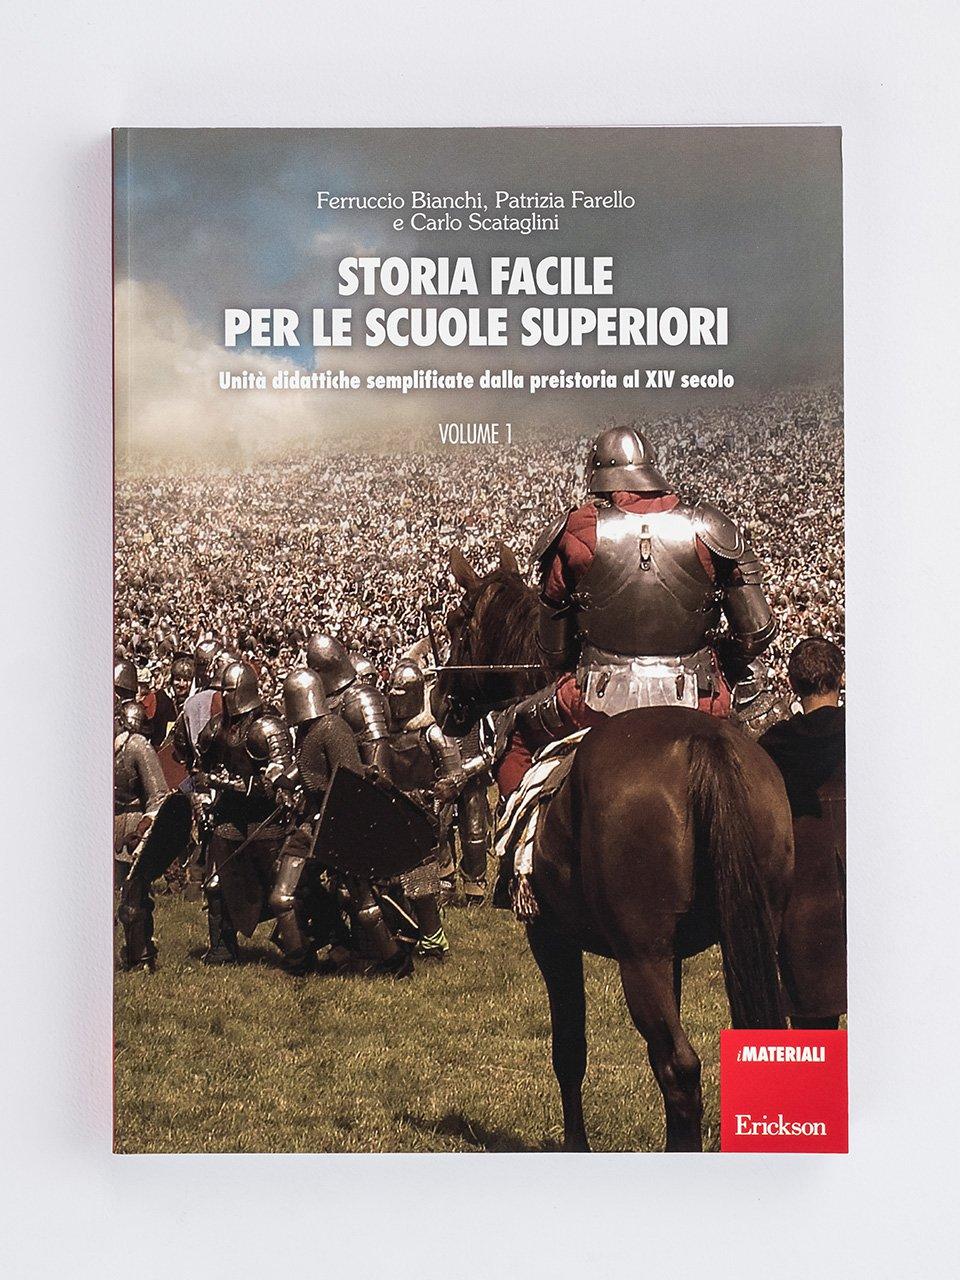 Storia facile per le scuole superiori - Volume 1 - Storia facile per le scuole superiori - Volume 2 - Libri - Erickson